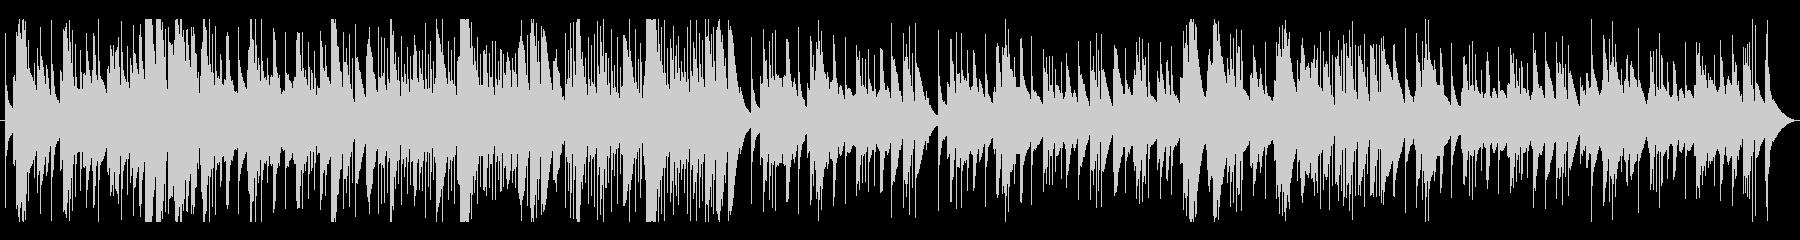 木琴(マリンバ)のとぼけた感じの曲(速)の未再生の波形